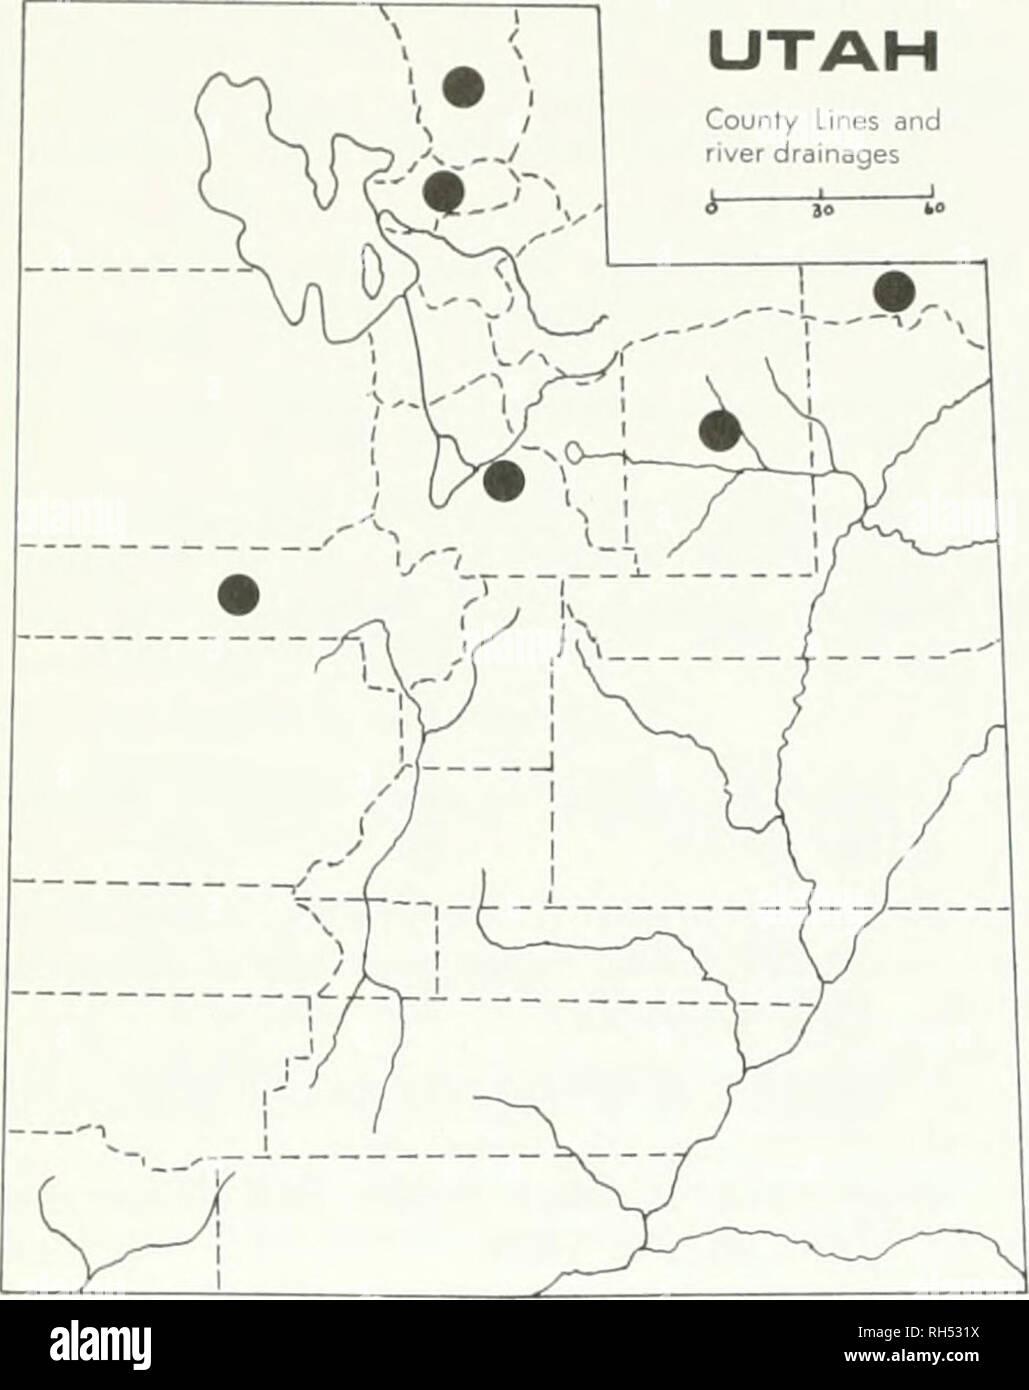 """. Bulletin scientifique de l'Université Brigham Young. Biologie -- Périodiques. Brioham Univebsitv 12 Jeunes Bulletin Science et lignes de comté de la rivière I 130 b"""". Mettre en place;. 10. Cryptmttha uffiiii.s la plus évidente des caractéristiques de cette espèces sont le obhquely nucule comprimée qui donnent la position excentrique de la rainure. Co., cache 10 milles jusqu'Smithfield Canyon, Hobson &AMP; Piranian 13775 (UTC); Inten'ale, printemps, creux B, .Iaguire 1.38.39 (UTC); White Pine Lake, B. Maguire 16256 (UTC); Logan Canyon, Spring Hollow, B. Ma- guire 13778 (UTC); Daggett Co., Flaming Gorge, William L. Banque D'Images"""